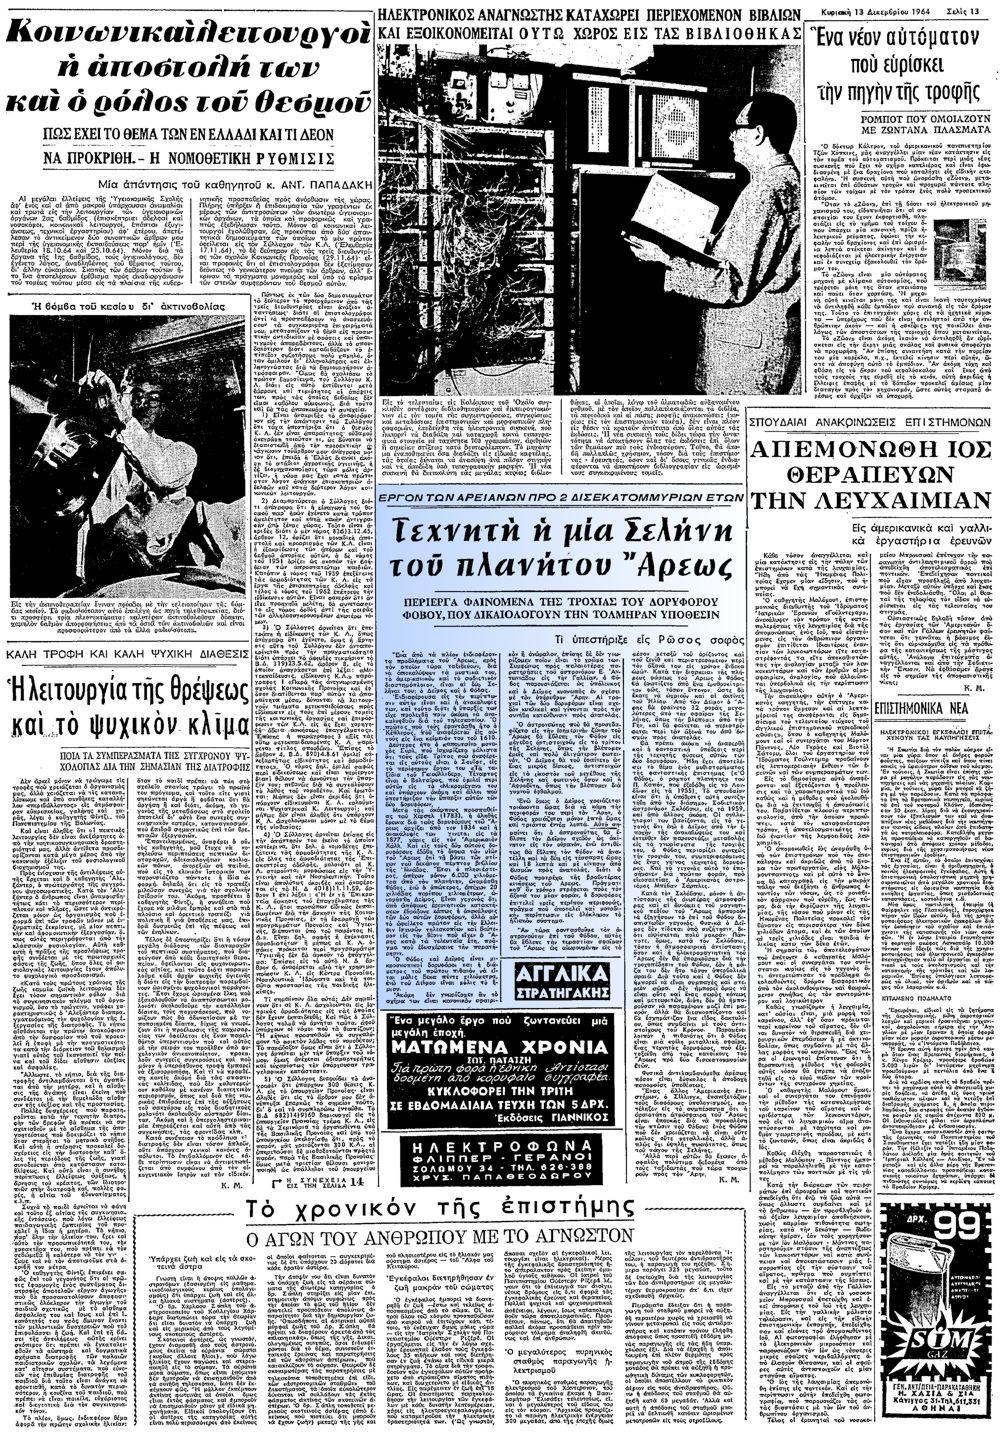 """Το άρθρο, όπως δημοσιεύθηκε στην εφημερίδα """"ΕΛΕΥΘΕΡΙΑ"""", στις 13/12/1964"""